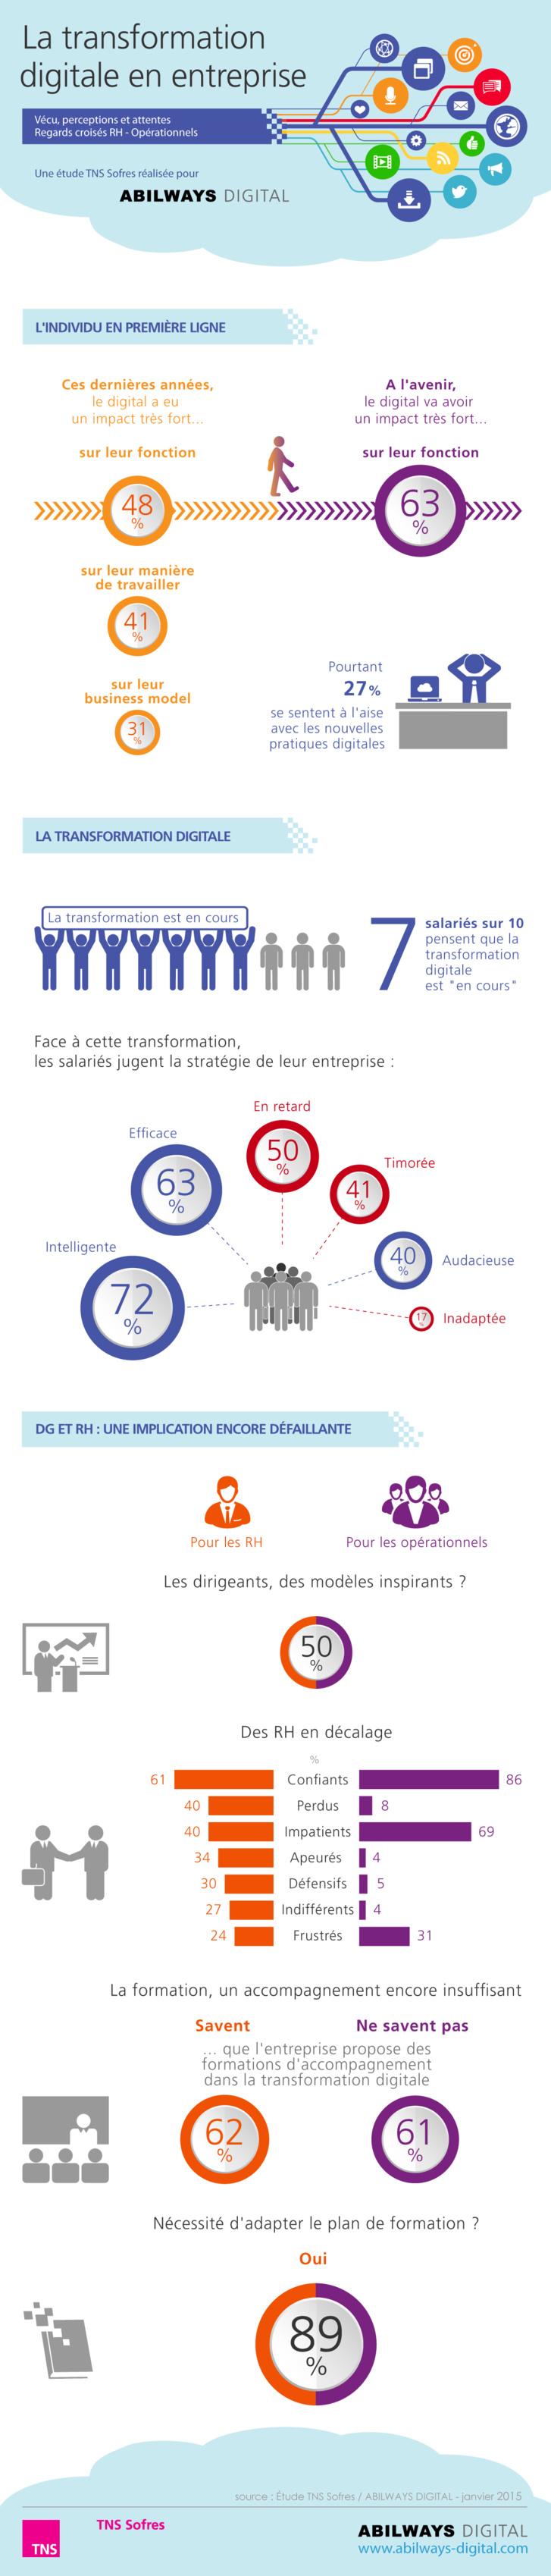 Transformation digitale: Les salariés anticipent une forte accélération avec un tournant d'ici à 2 ans